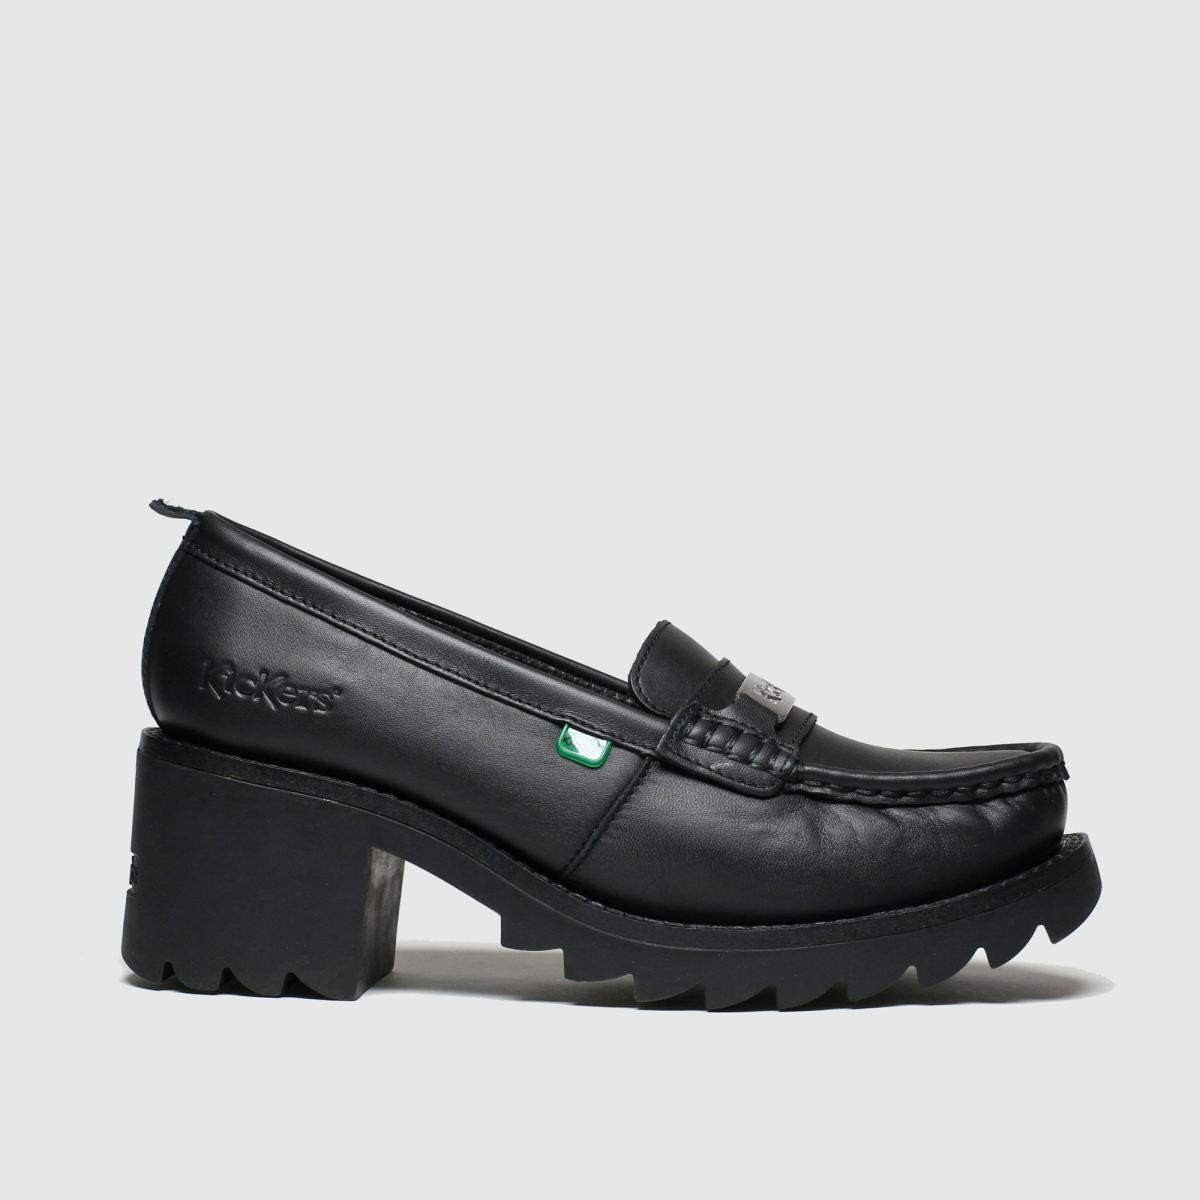 Kickers Black Klio Loafer Low Heels